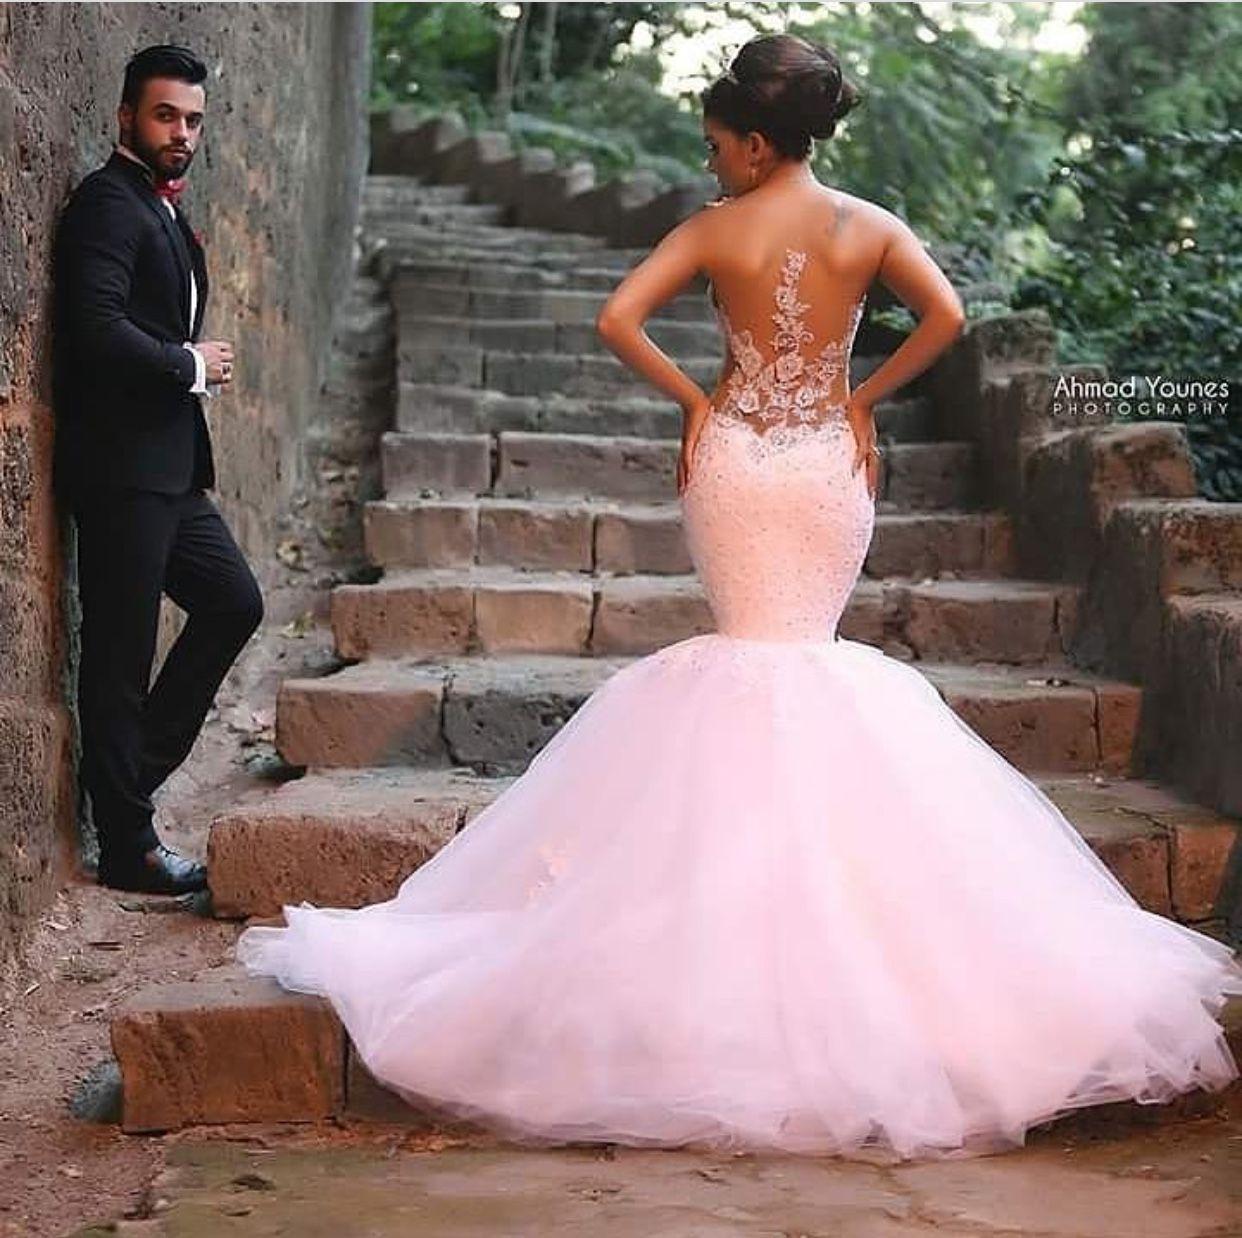 Pin by sassy fischer on wedding pinterest wedding dress wedding